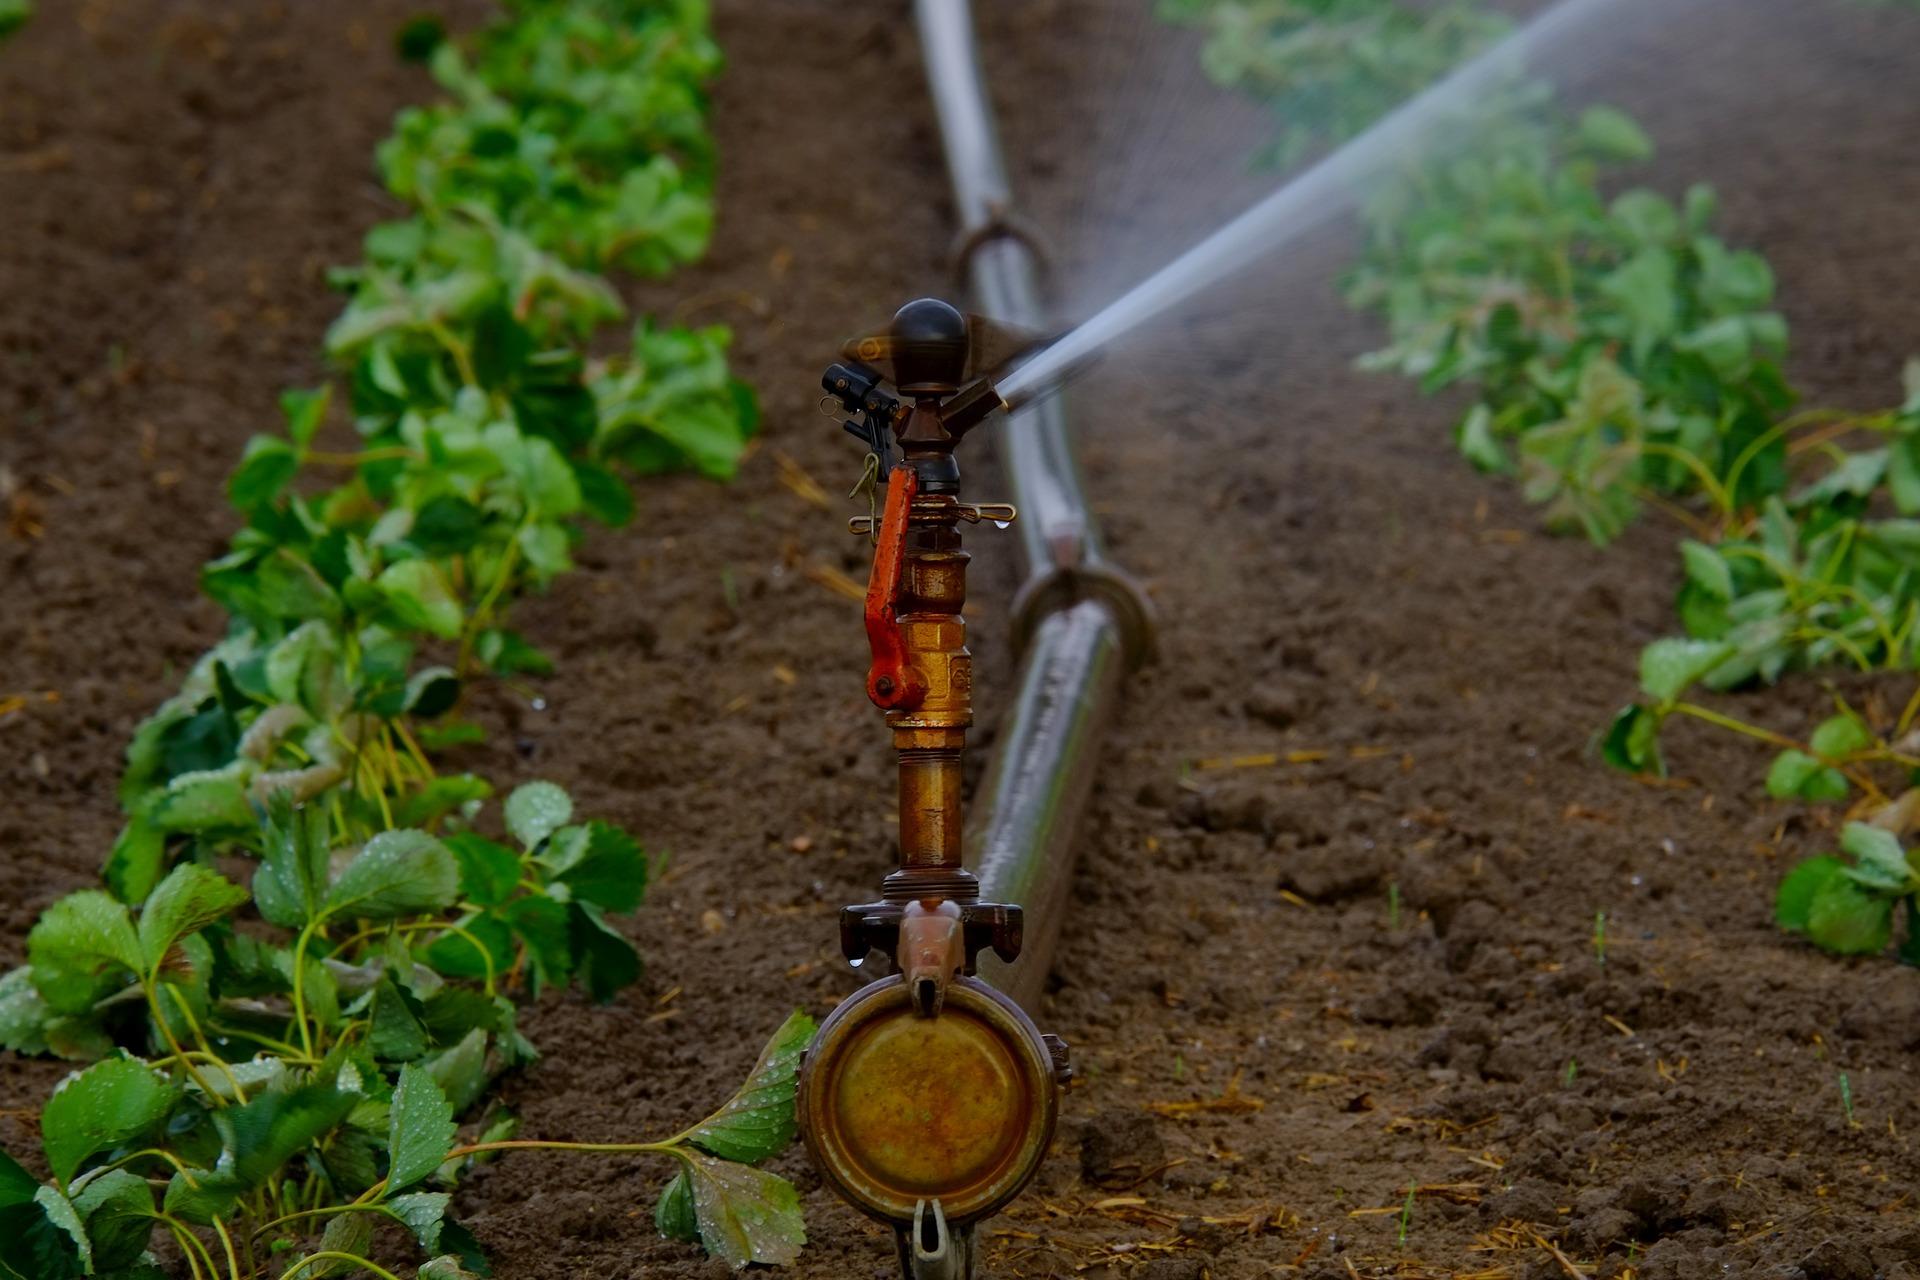 water-sprinklers-880970_1920